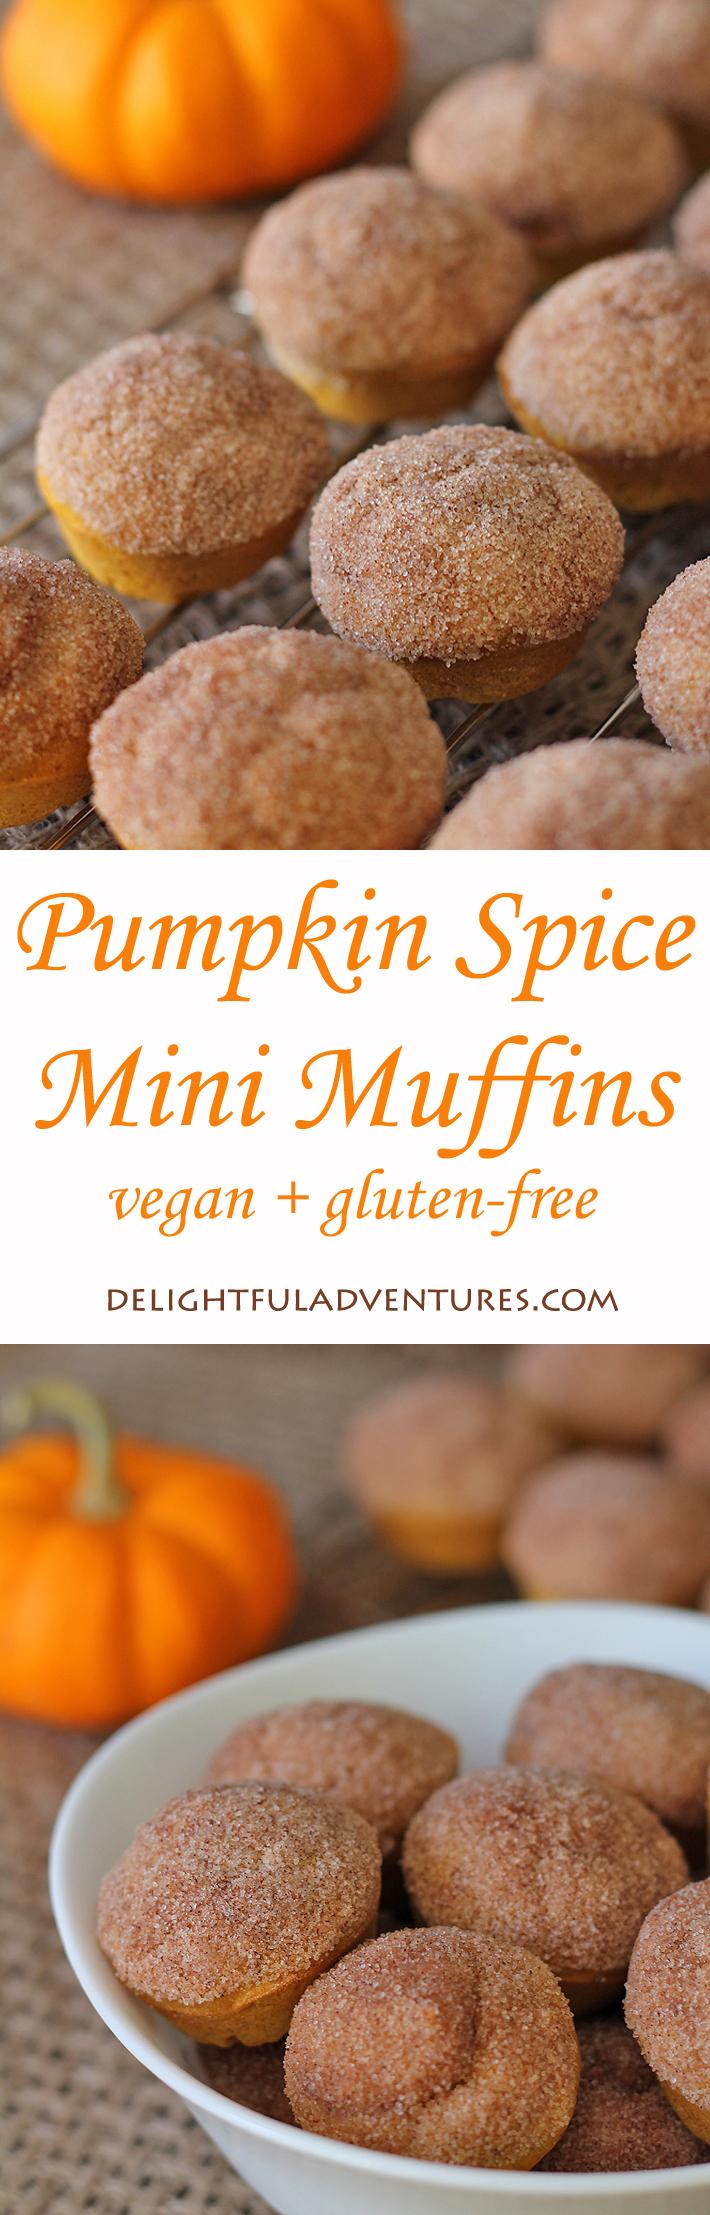 Pumpkin Spice Mini Muffins (vegan + gluten-free)